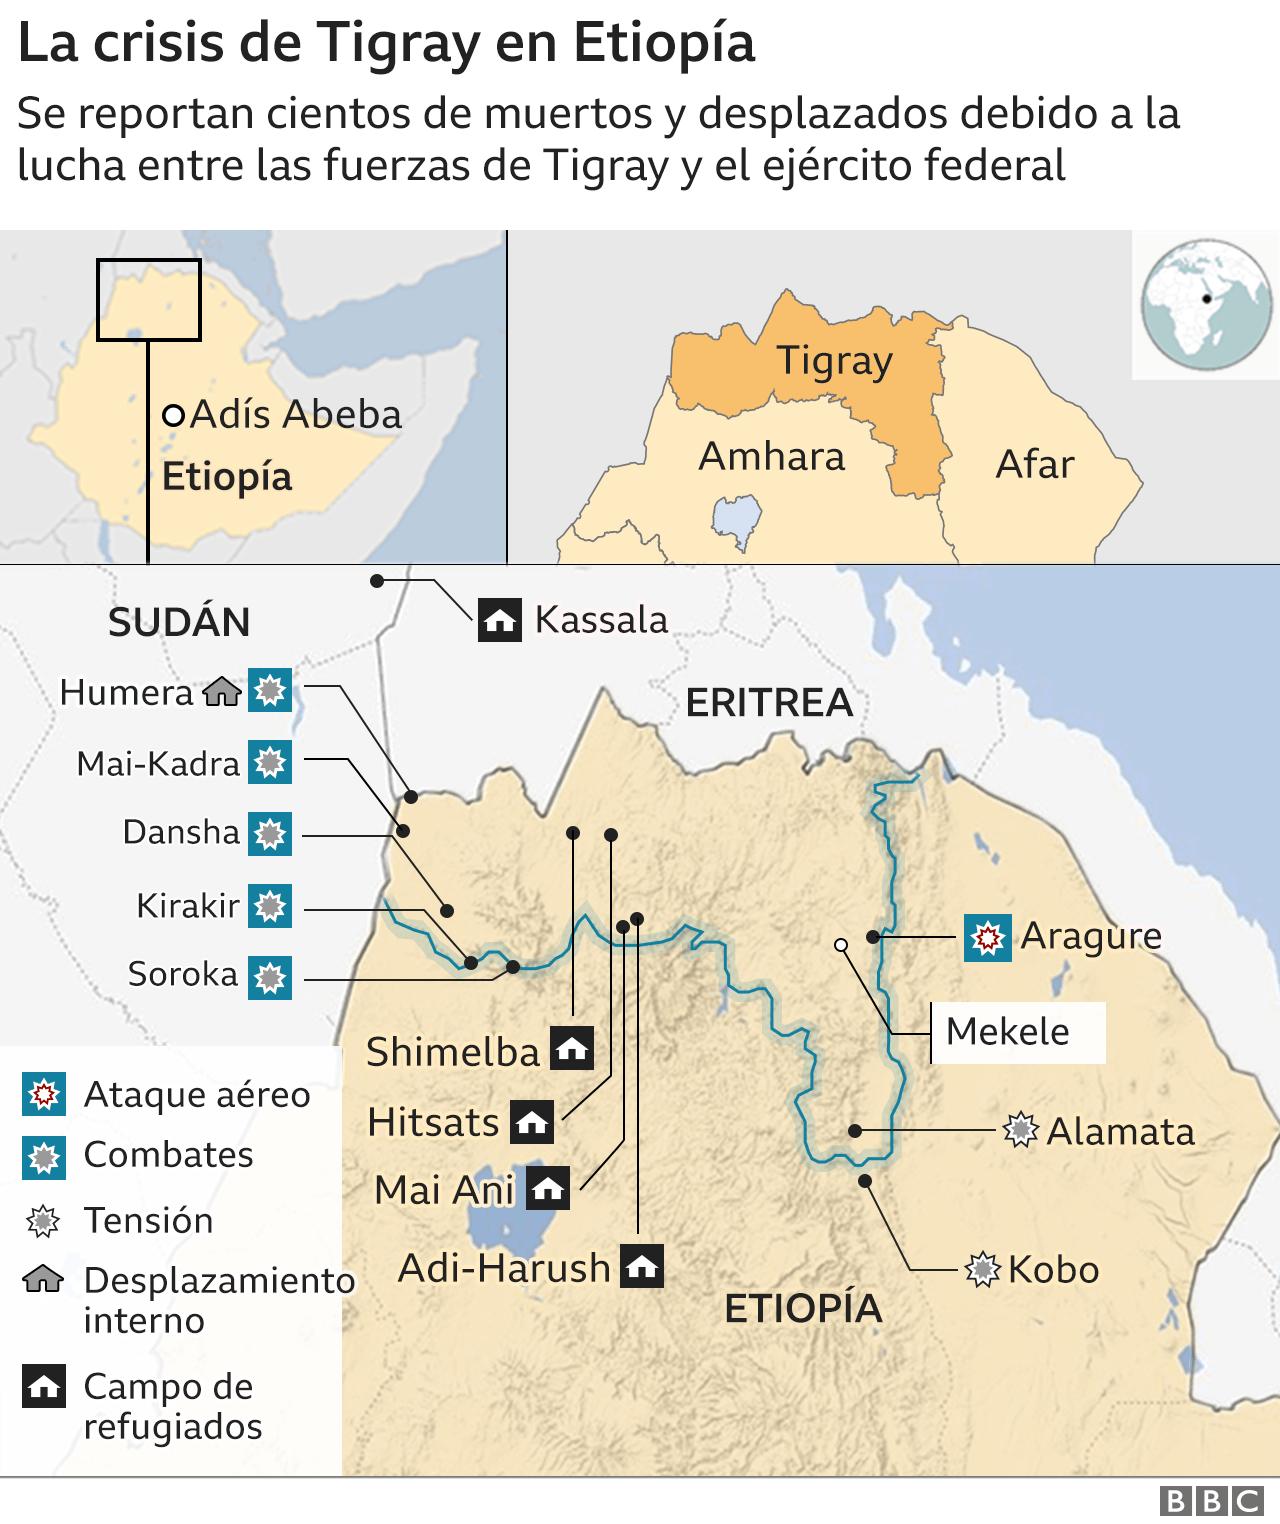 Mapa conflicto en Etiopía